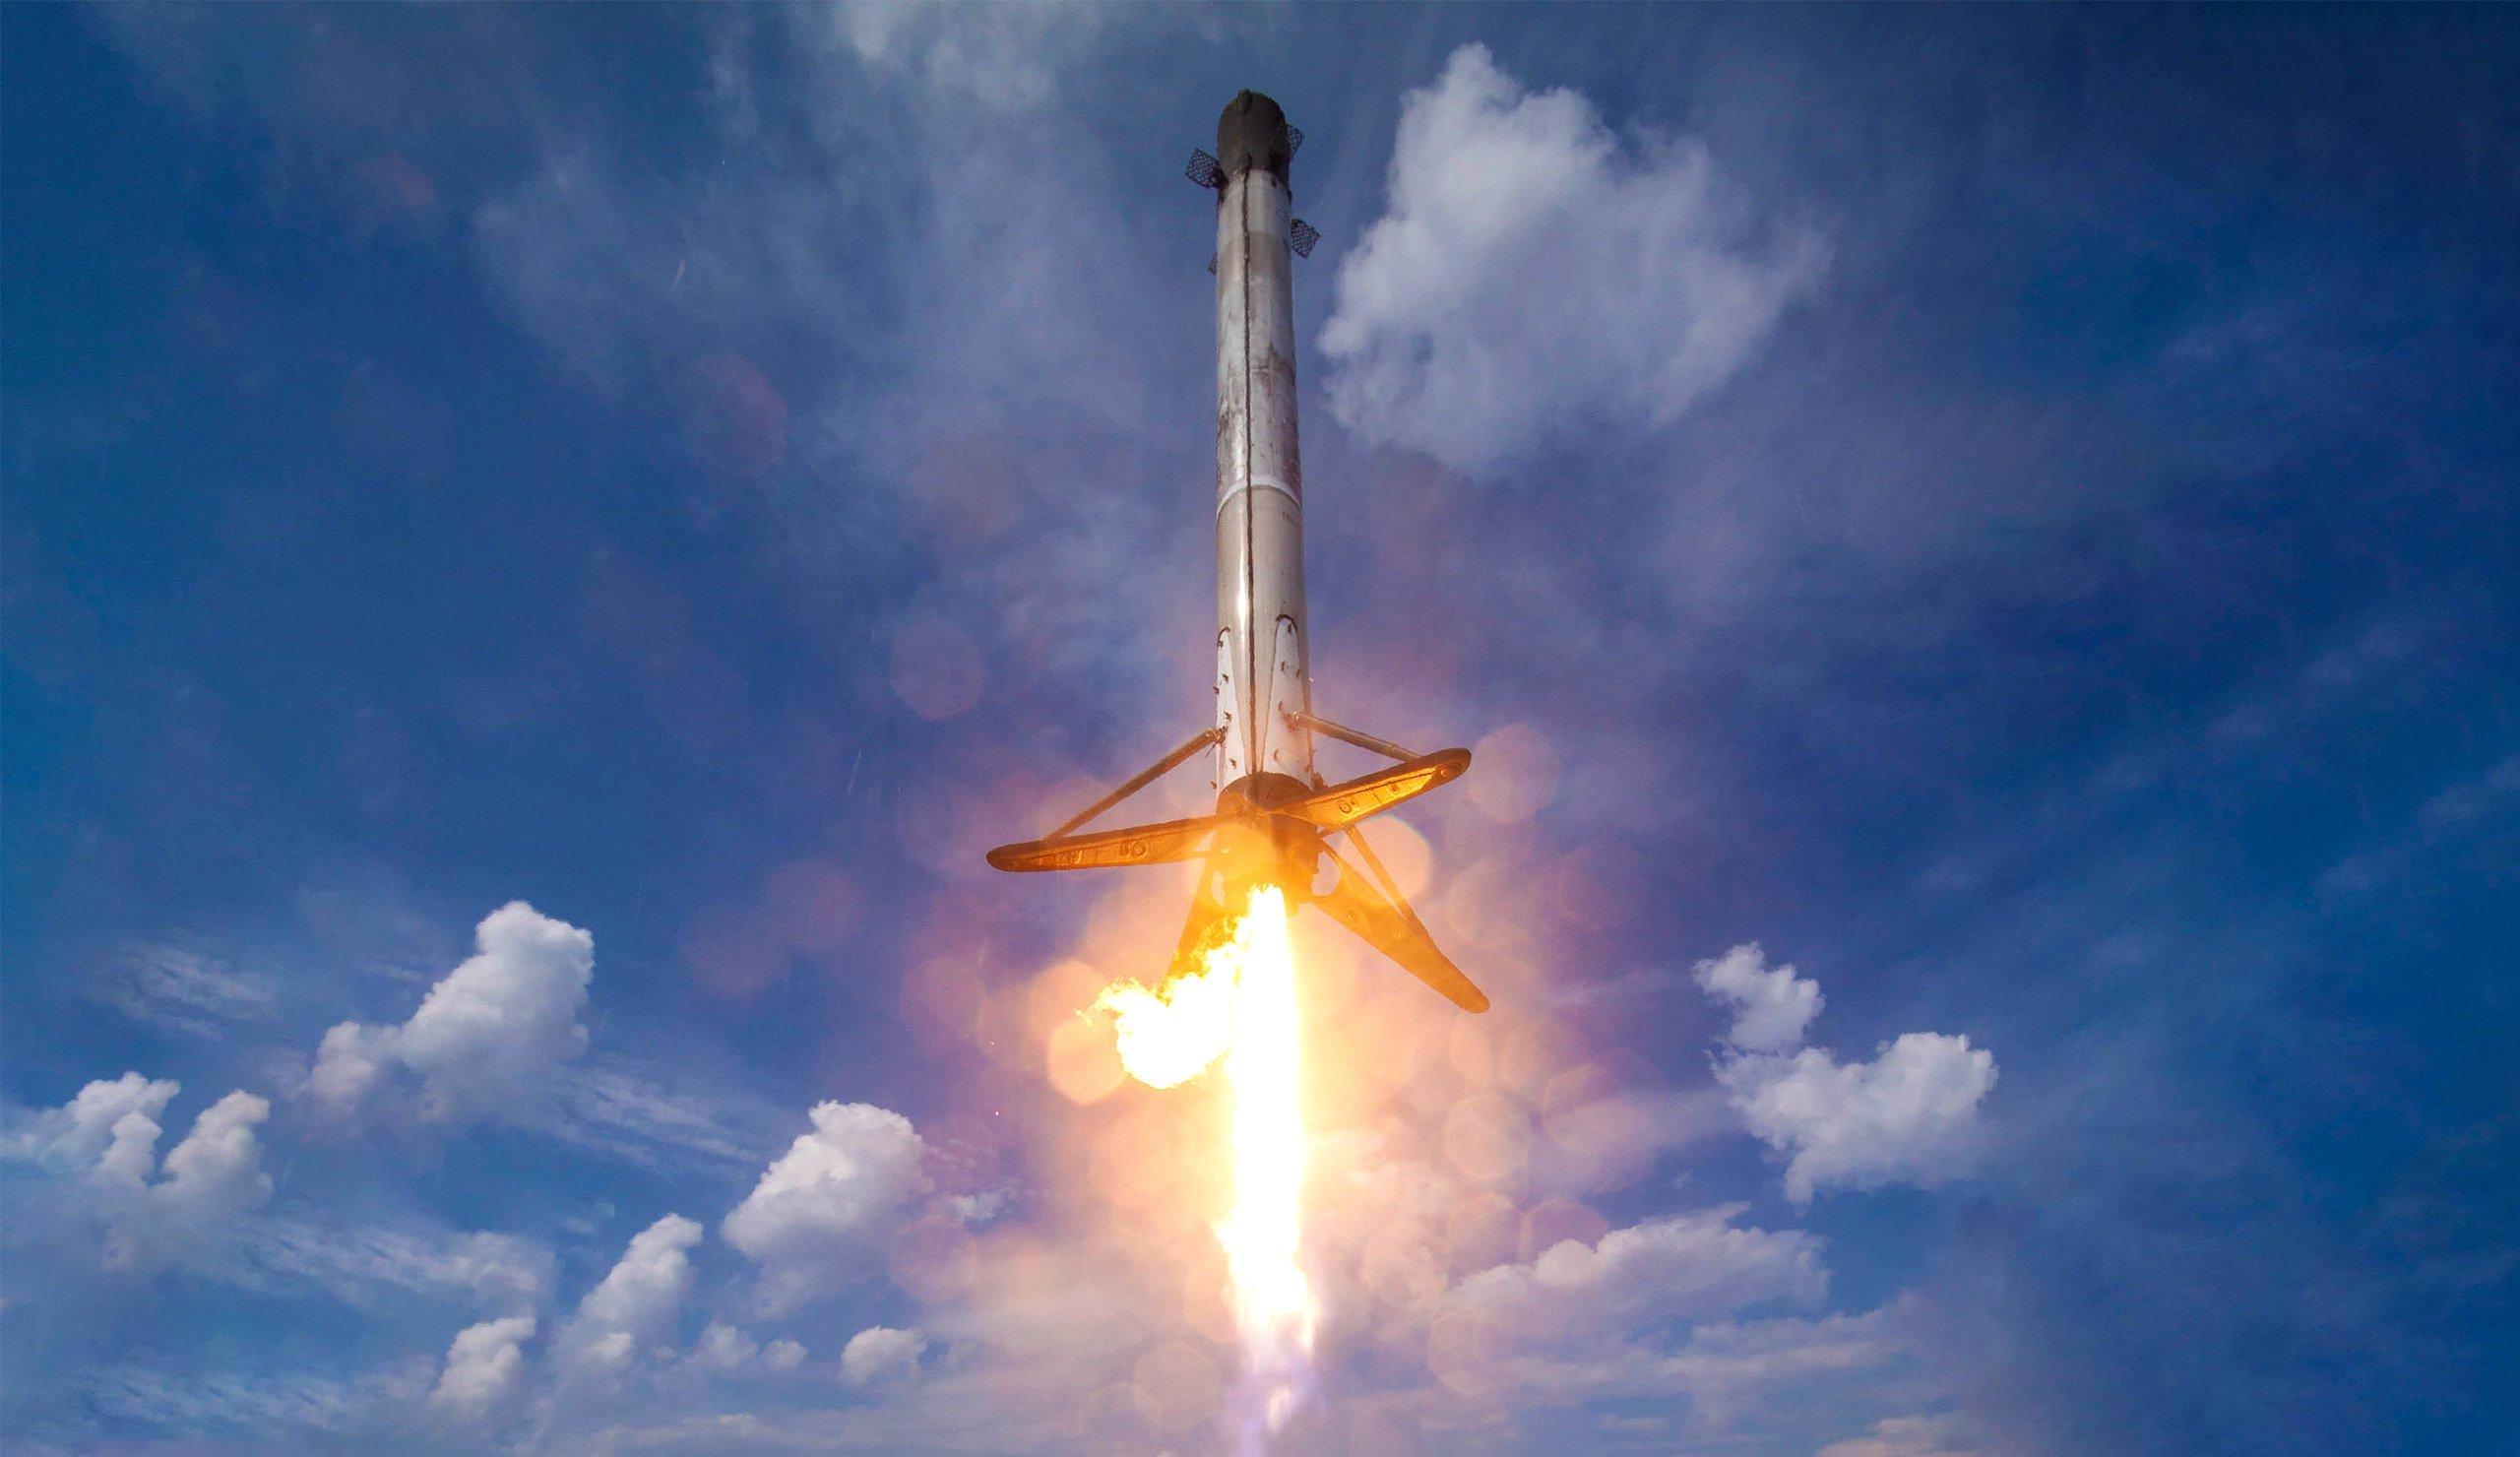 اسپیس ایکس برای اولین بار در ماموریت نظامی آمریکا از راکت جدیدی استفاده نمیکند